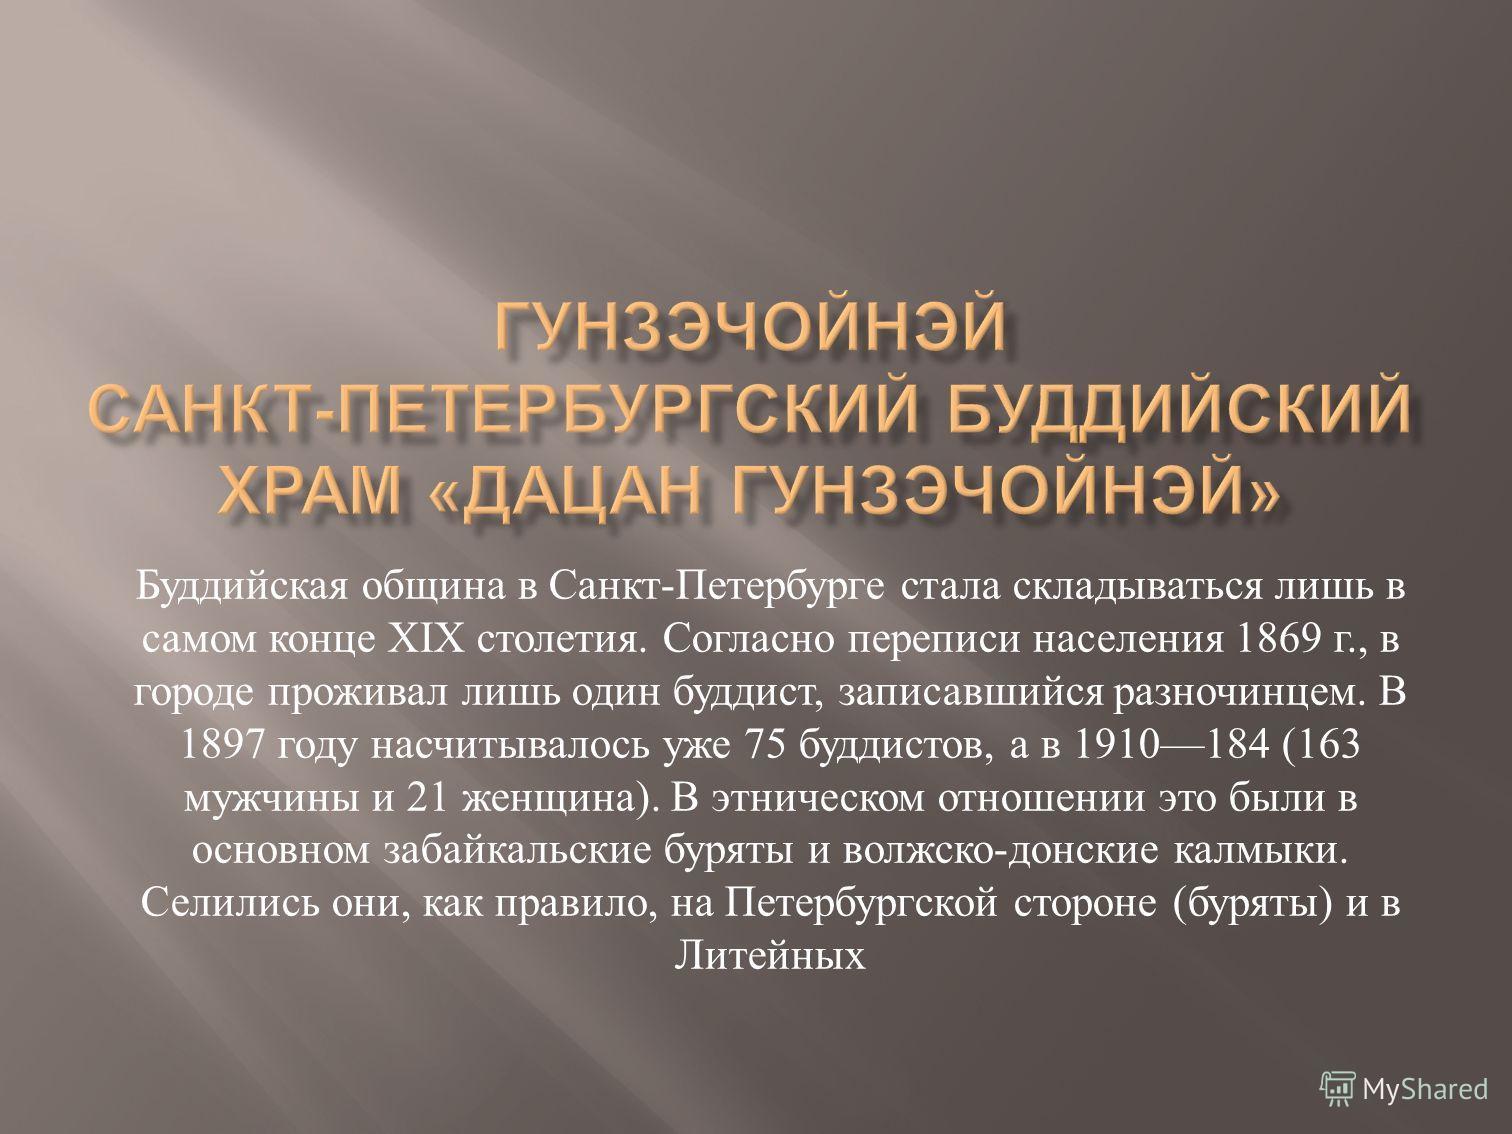 Буддийская община в Санкт - Петербурге стала складываться лишь в самом конце XIX столетия. Согласно переписи населения 1869 г., в городе проживал лишь один буддист, записавшийся разночинцем. В 1897 году насчитывалось уже 75 буддистов, а в 1910184 (16